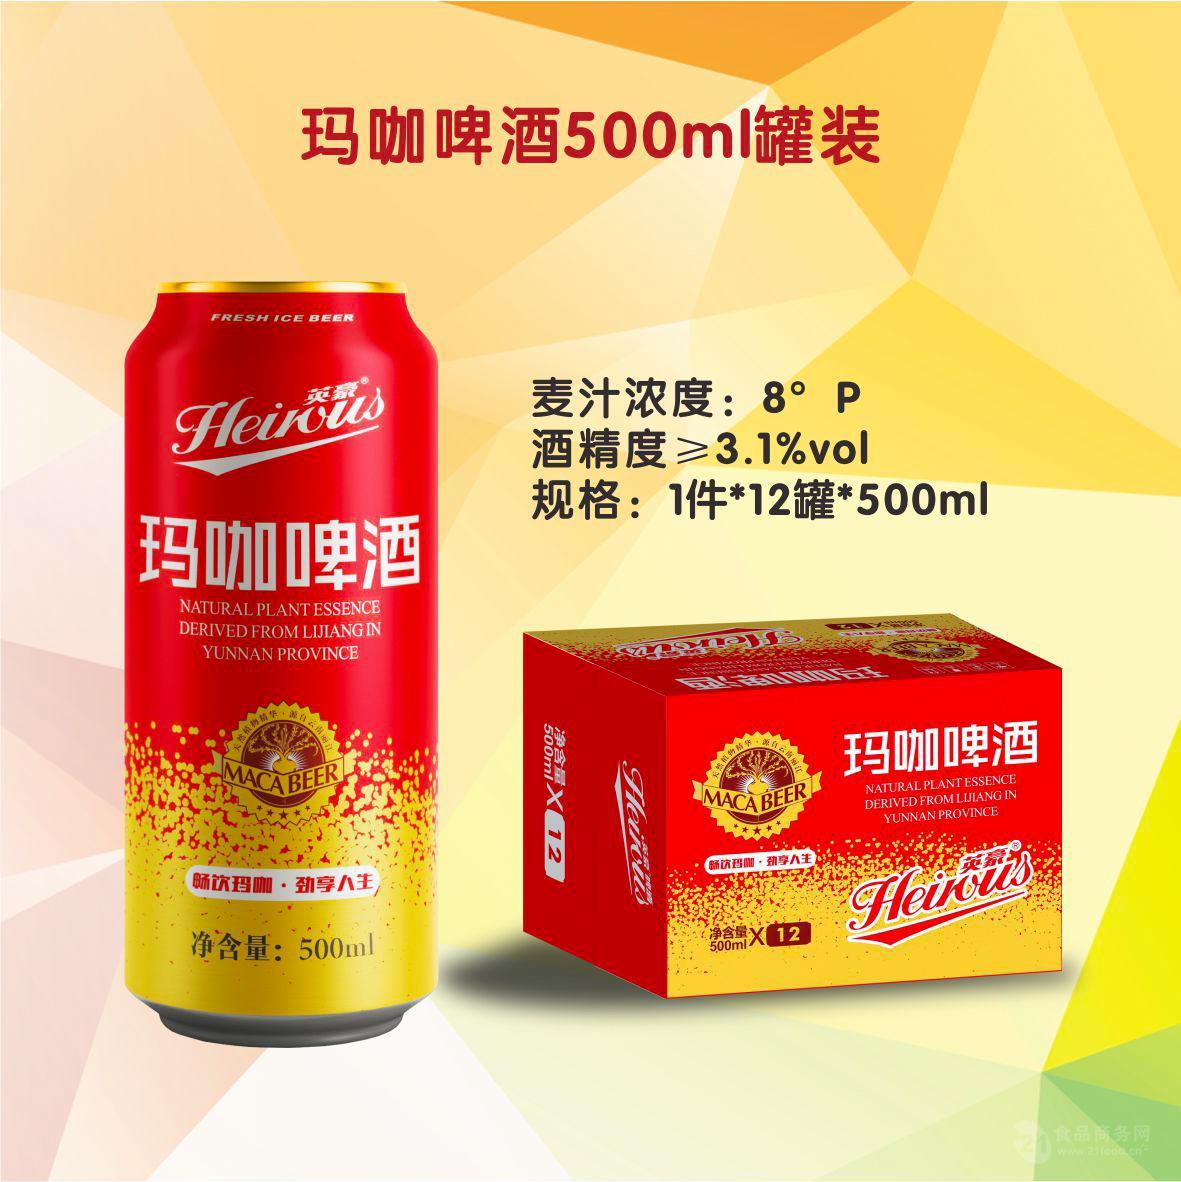 红罐玛咖啤酒 500ml 罐装啤酒